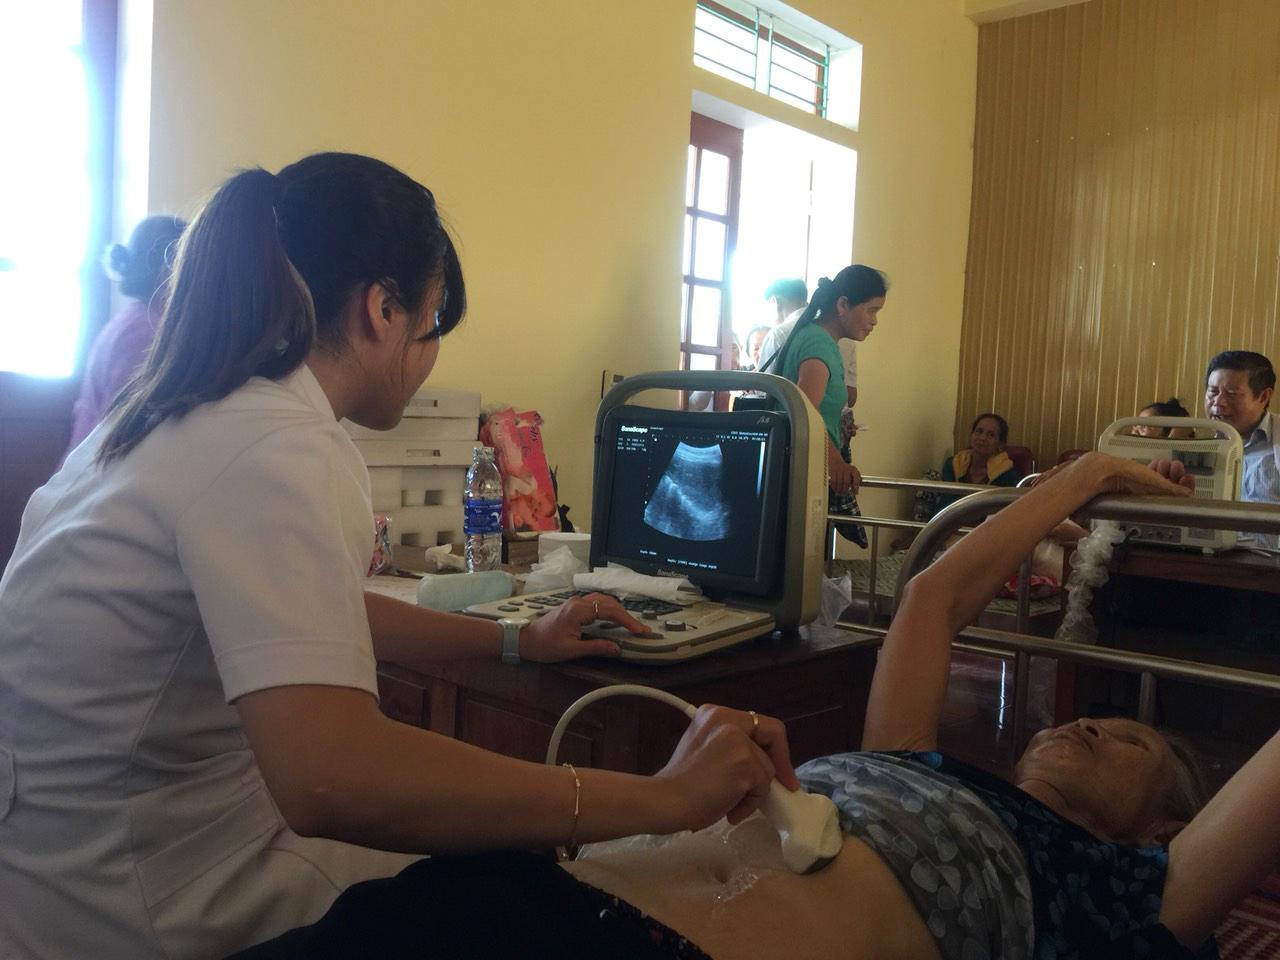 Nghệ An: 600 người dân nghèo huyện Thanh Chương được khám bệnh, cấp thuốc miễn phí - Ảnh 4